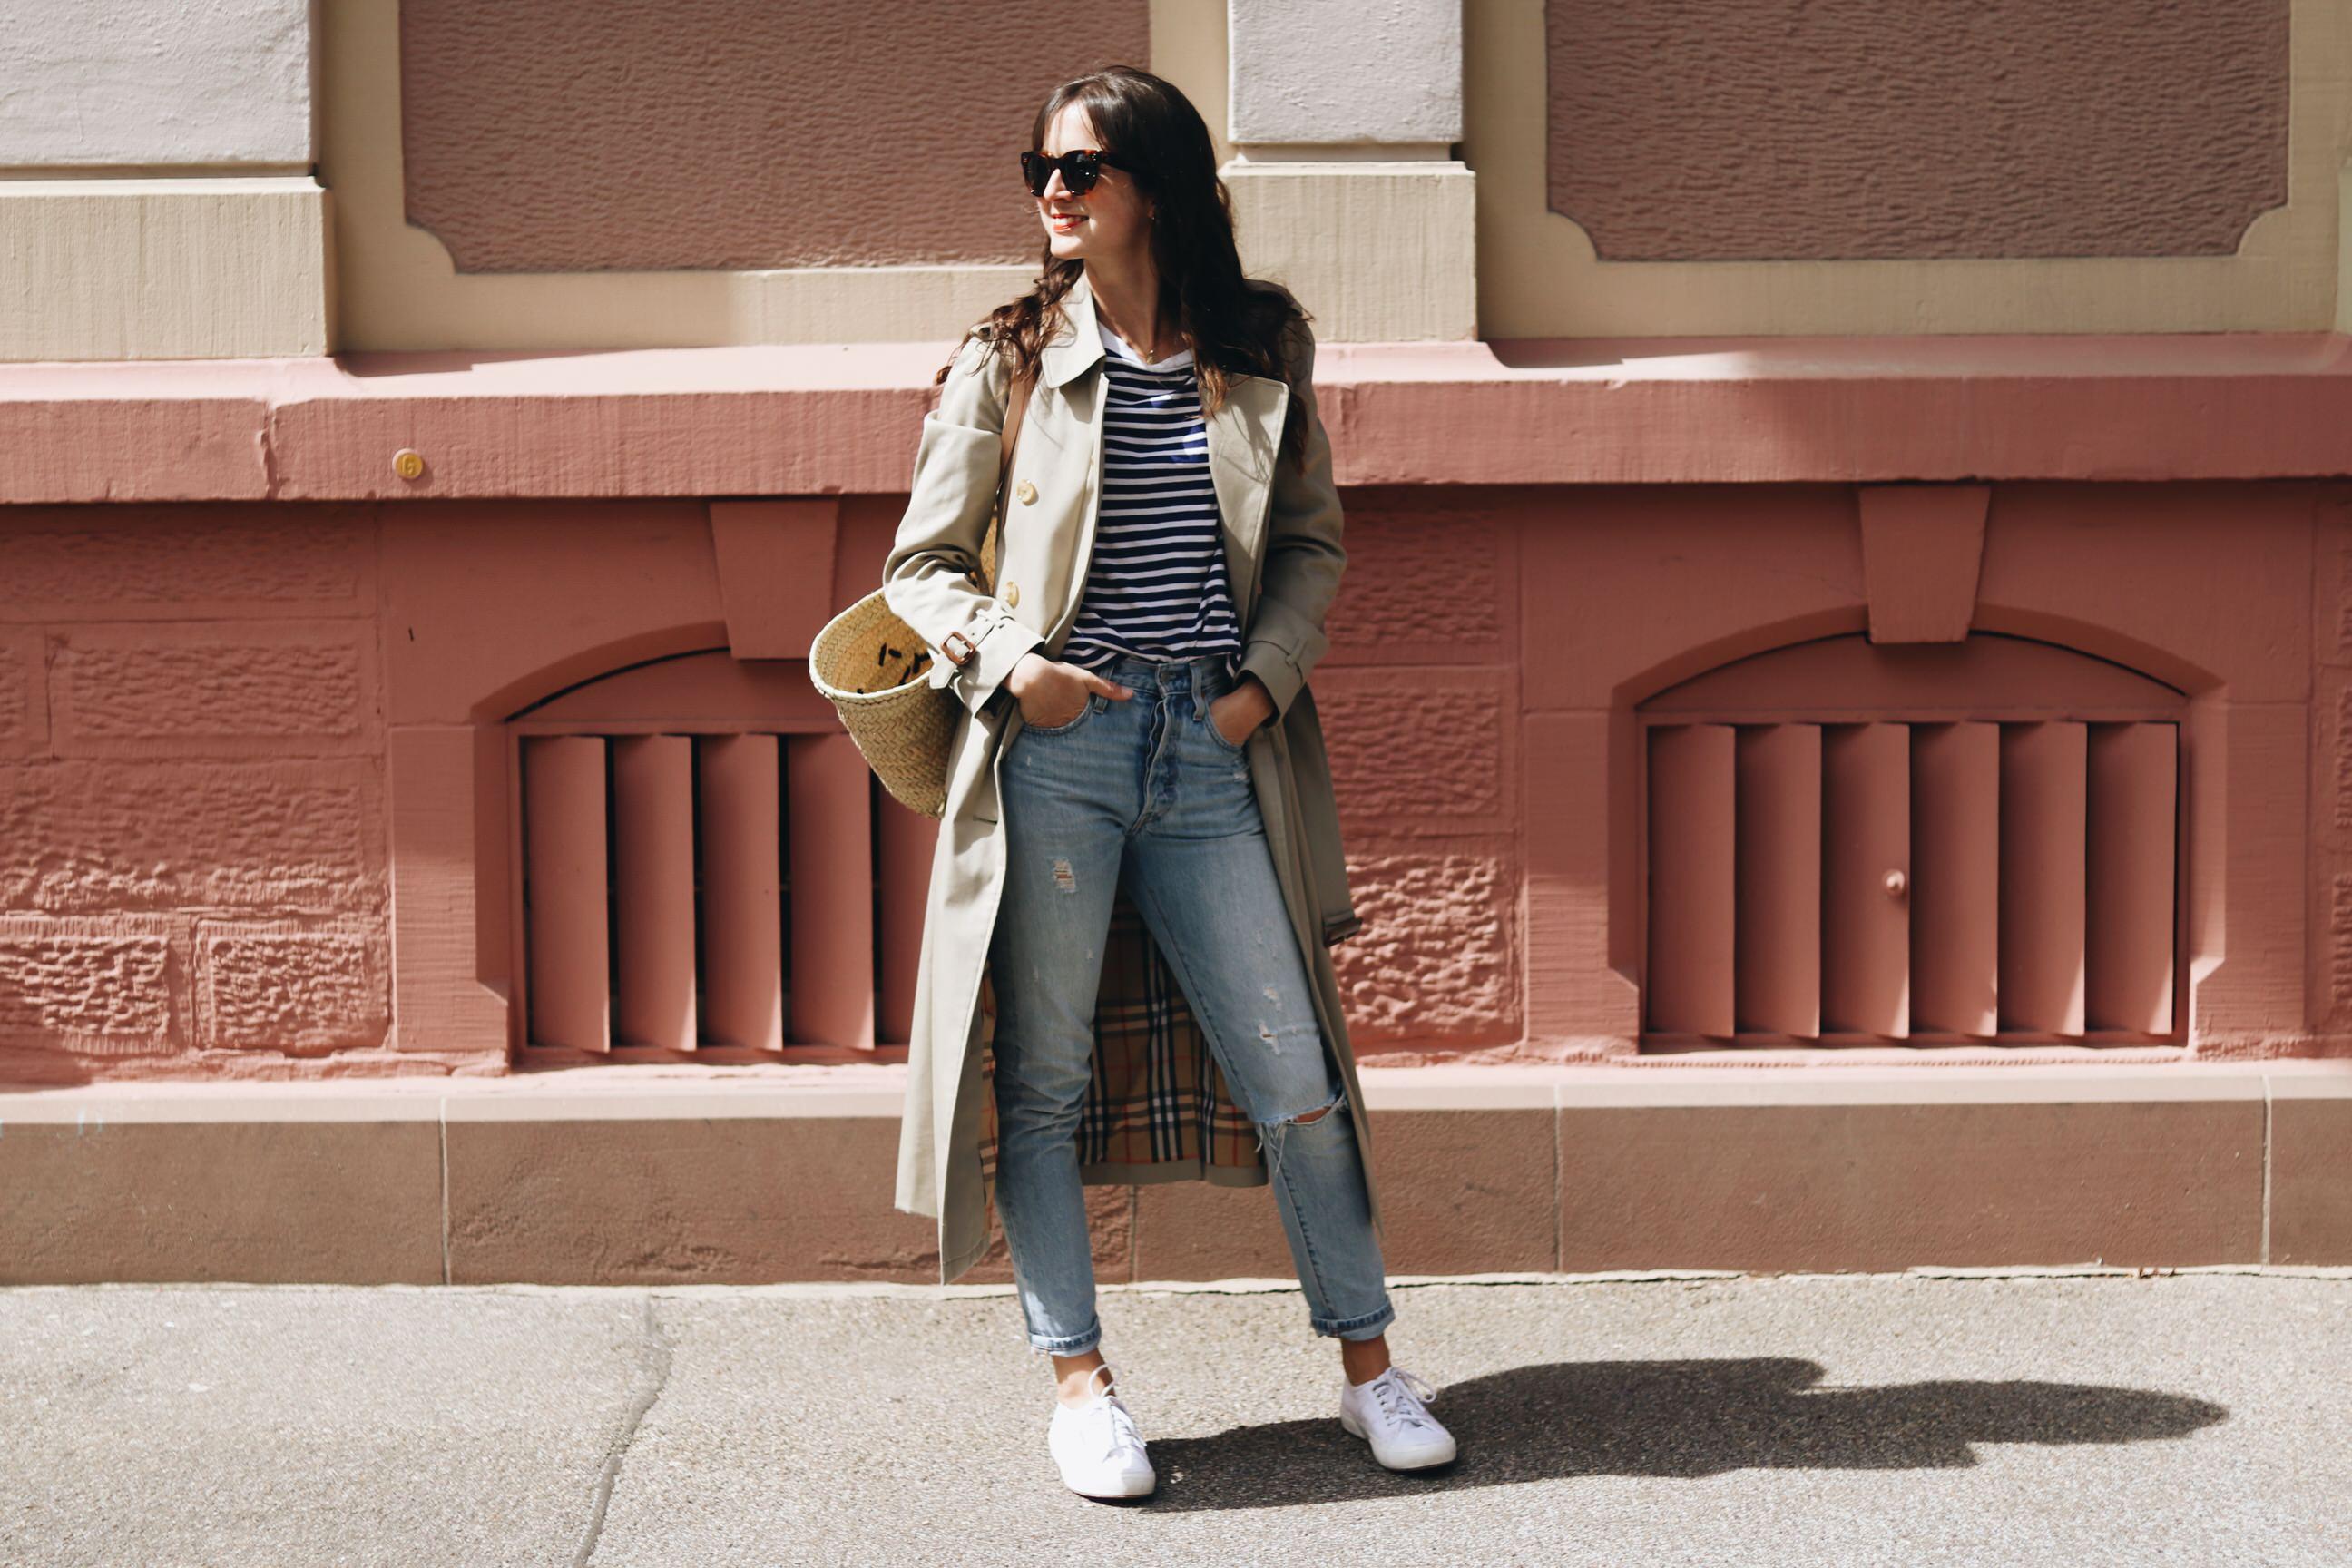 Modeblog Streetstyle Outfit Trenchcoat Burberry Korbtasche kombinieren Neele Modebloggerin Top 10 Look